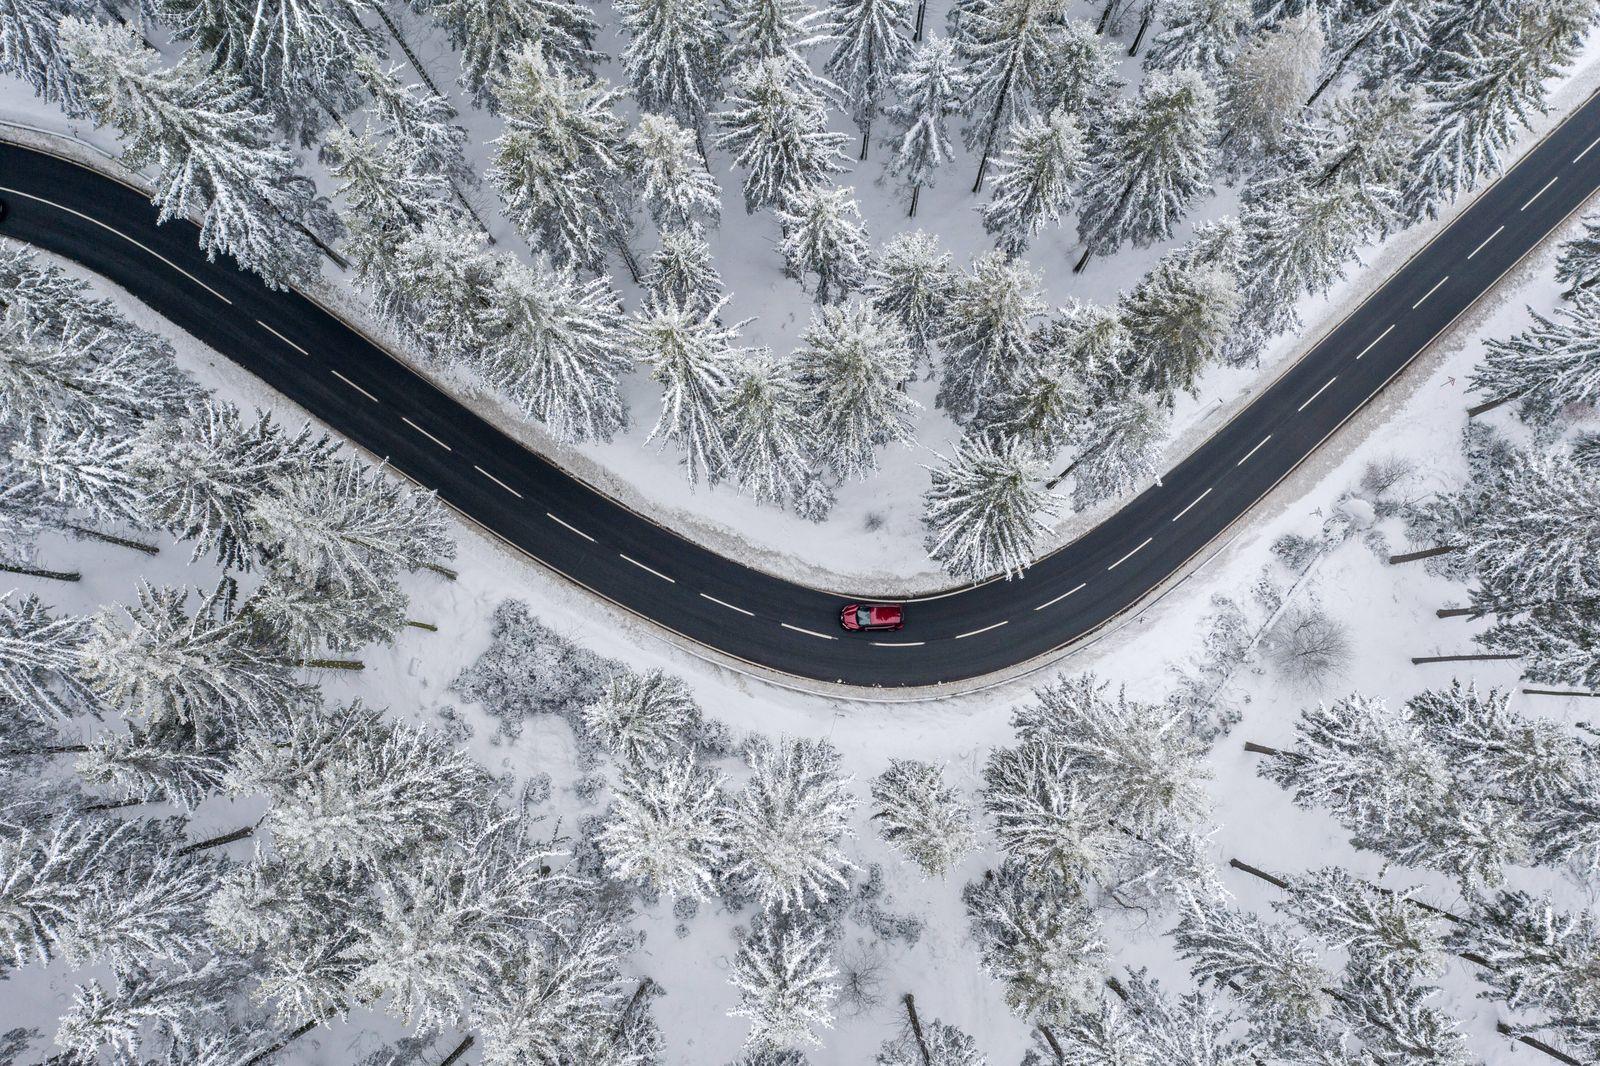 Wege im Schnee 28.02.2020, Schmitten (Hessen): Die Landstraße unterhalb des Großen Feldbergs im Taunus ist zwischen vers